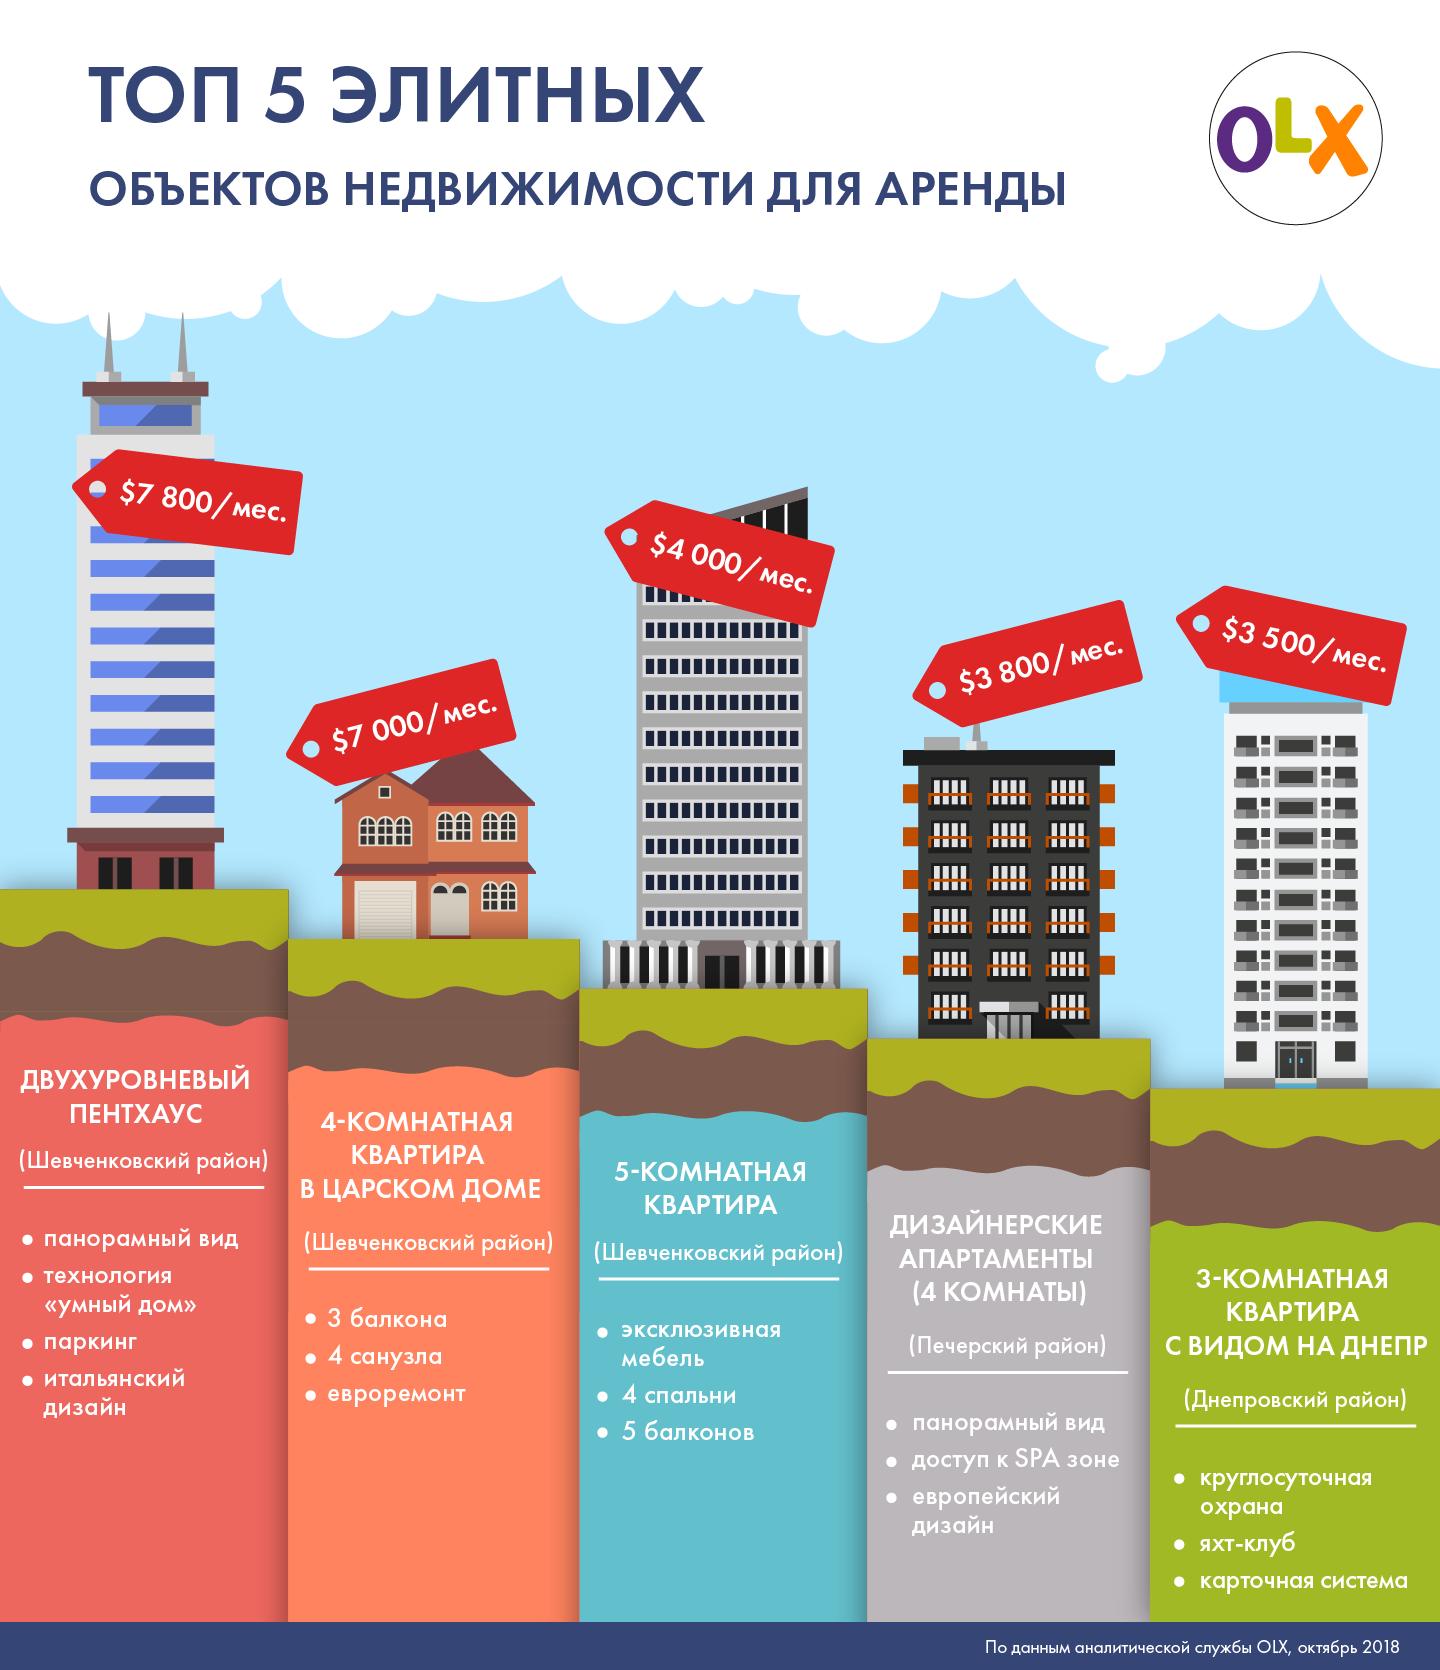 OLX составил список элитной недвижимости - фото 2